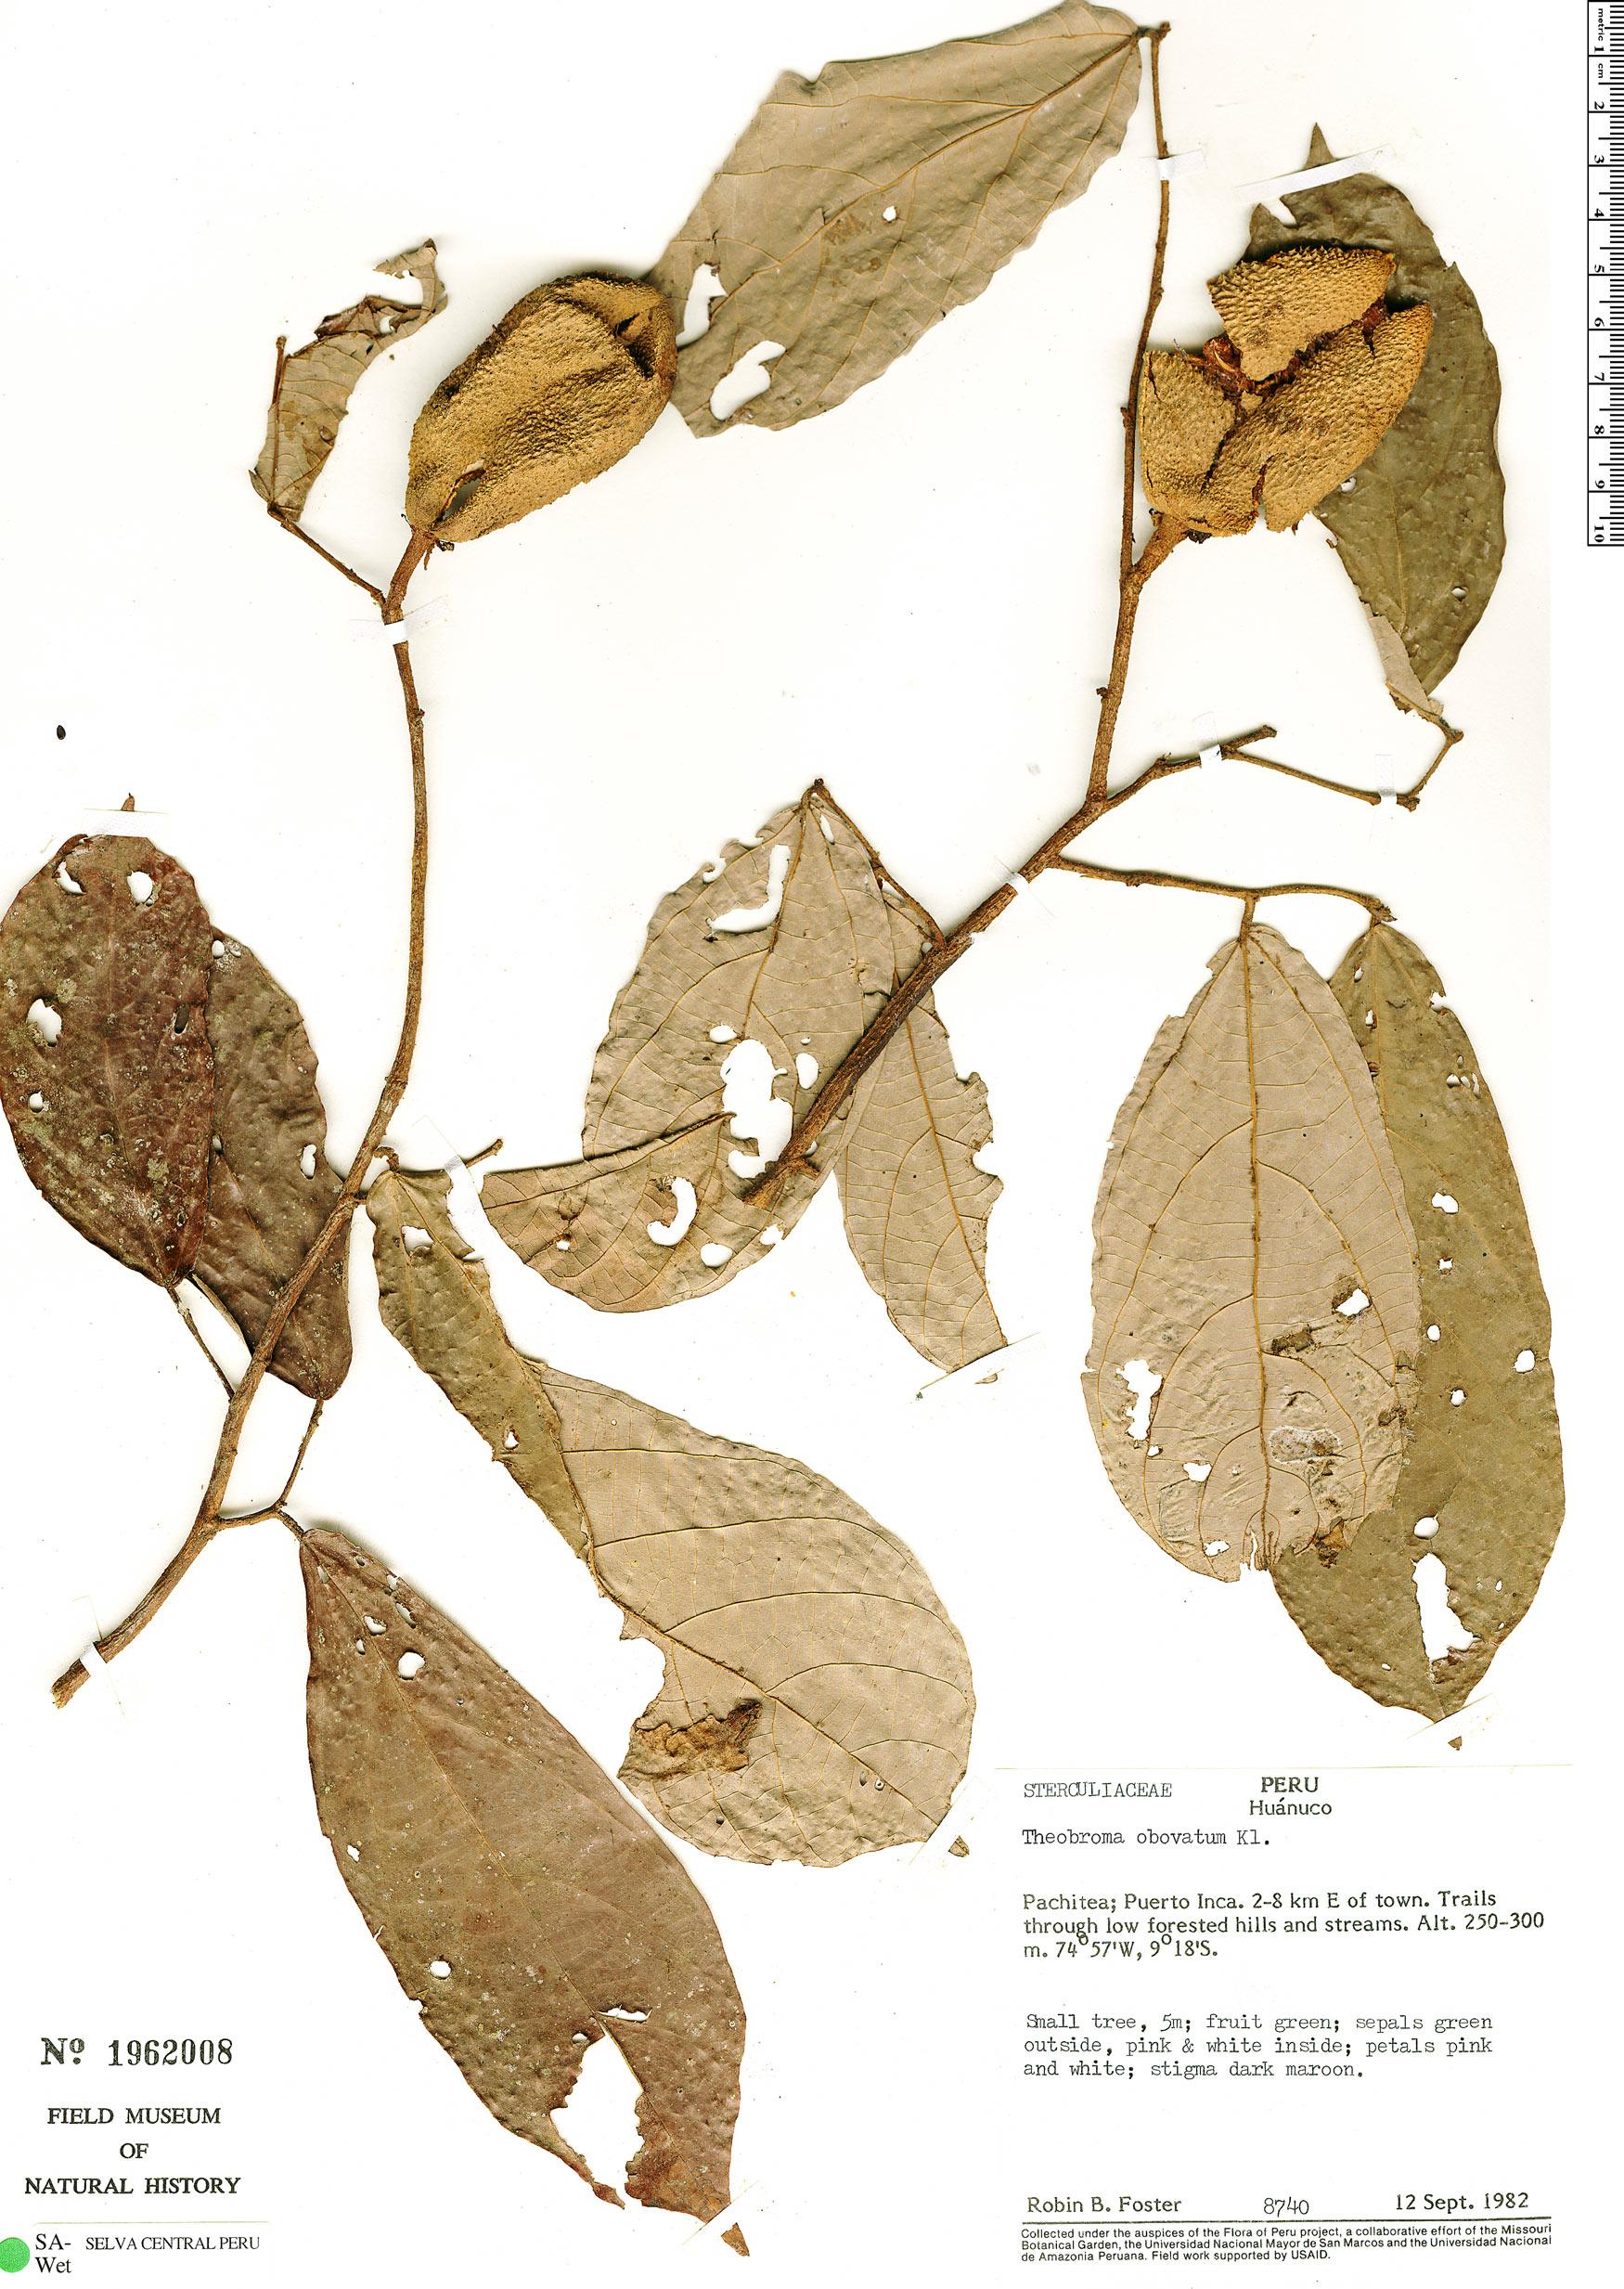 Specimen: Theobroma obovatum